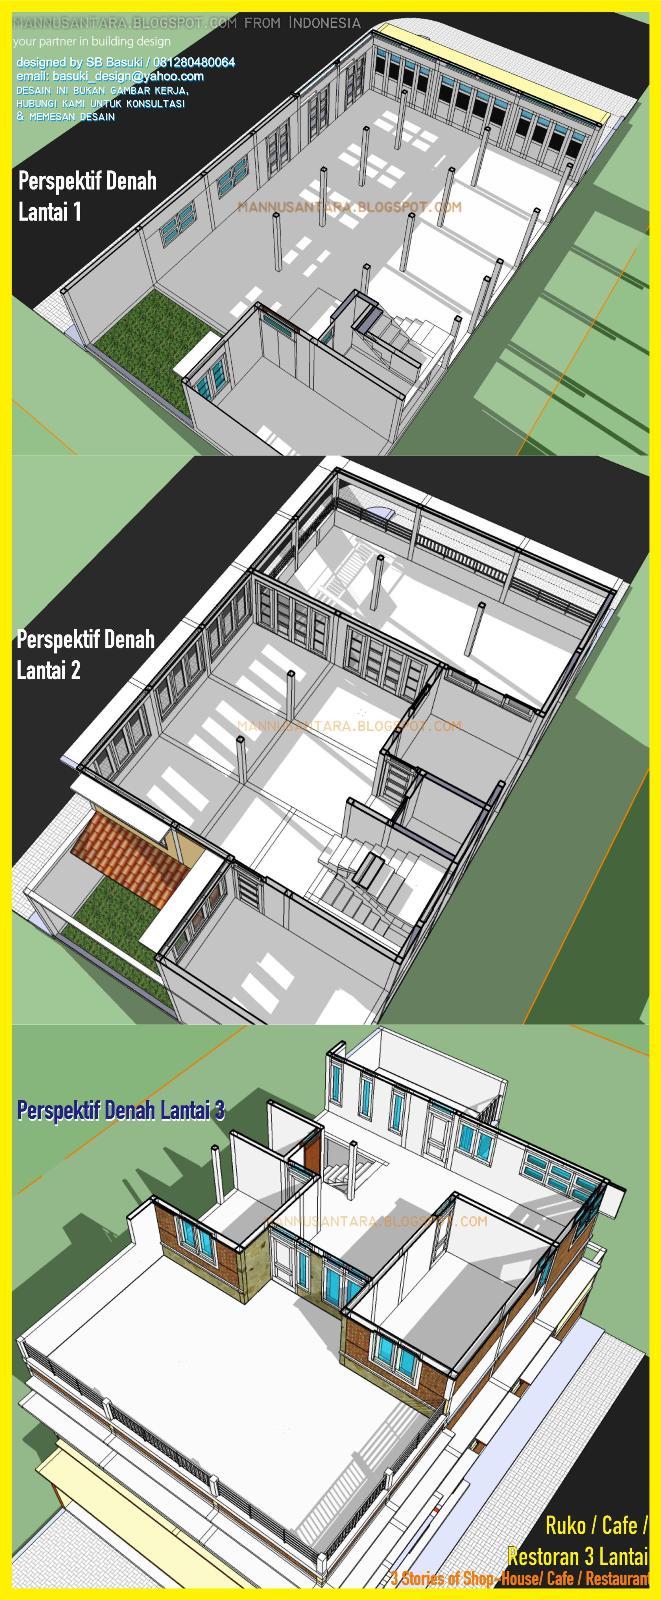 Desain ruko lantai multifungsi untuk cafe dan restoran